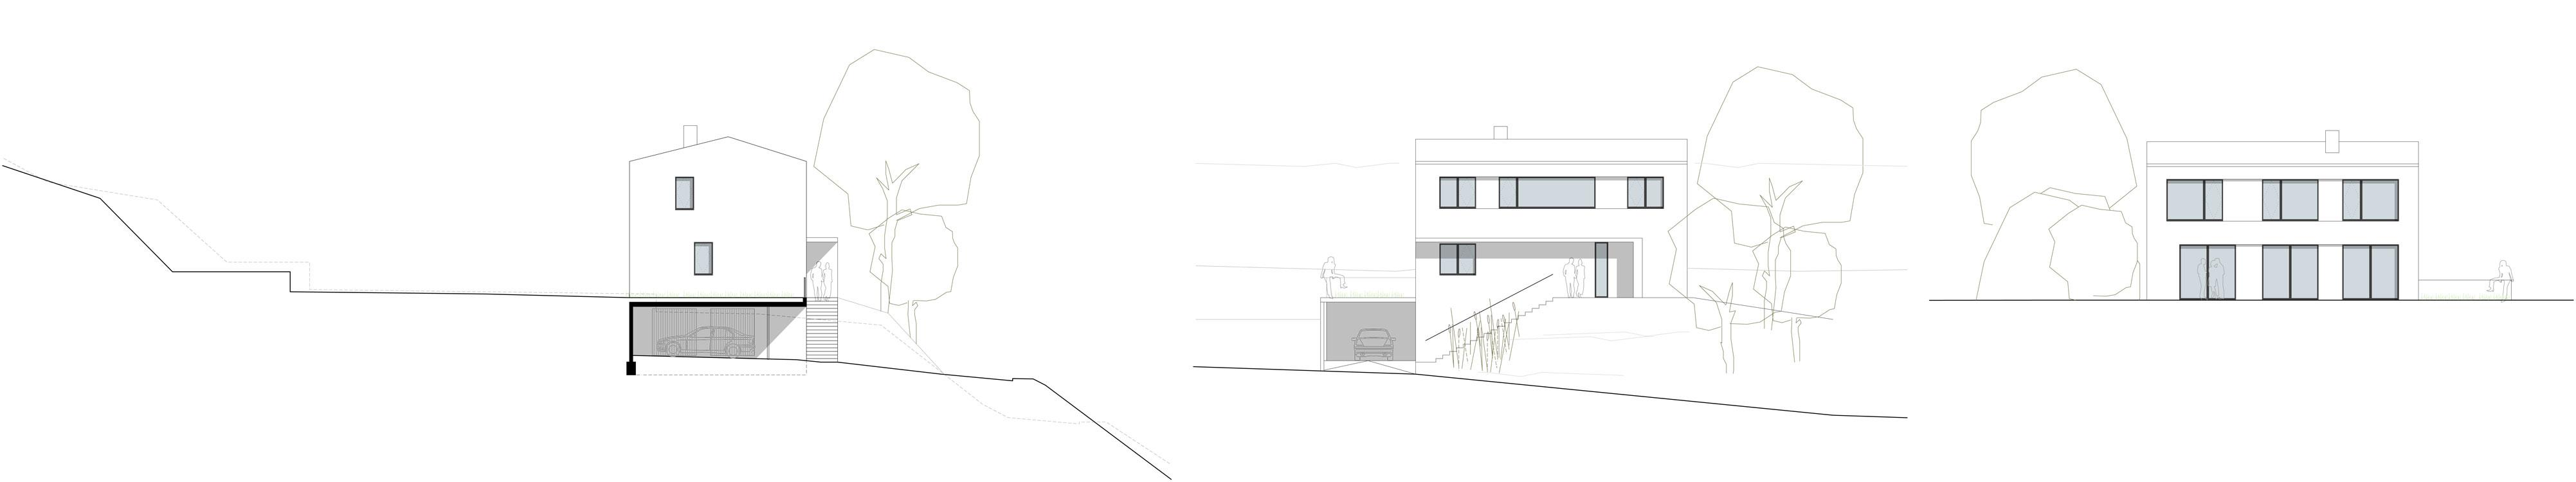 Neubau Einfamilienhaus Coswig Ansichten